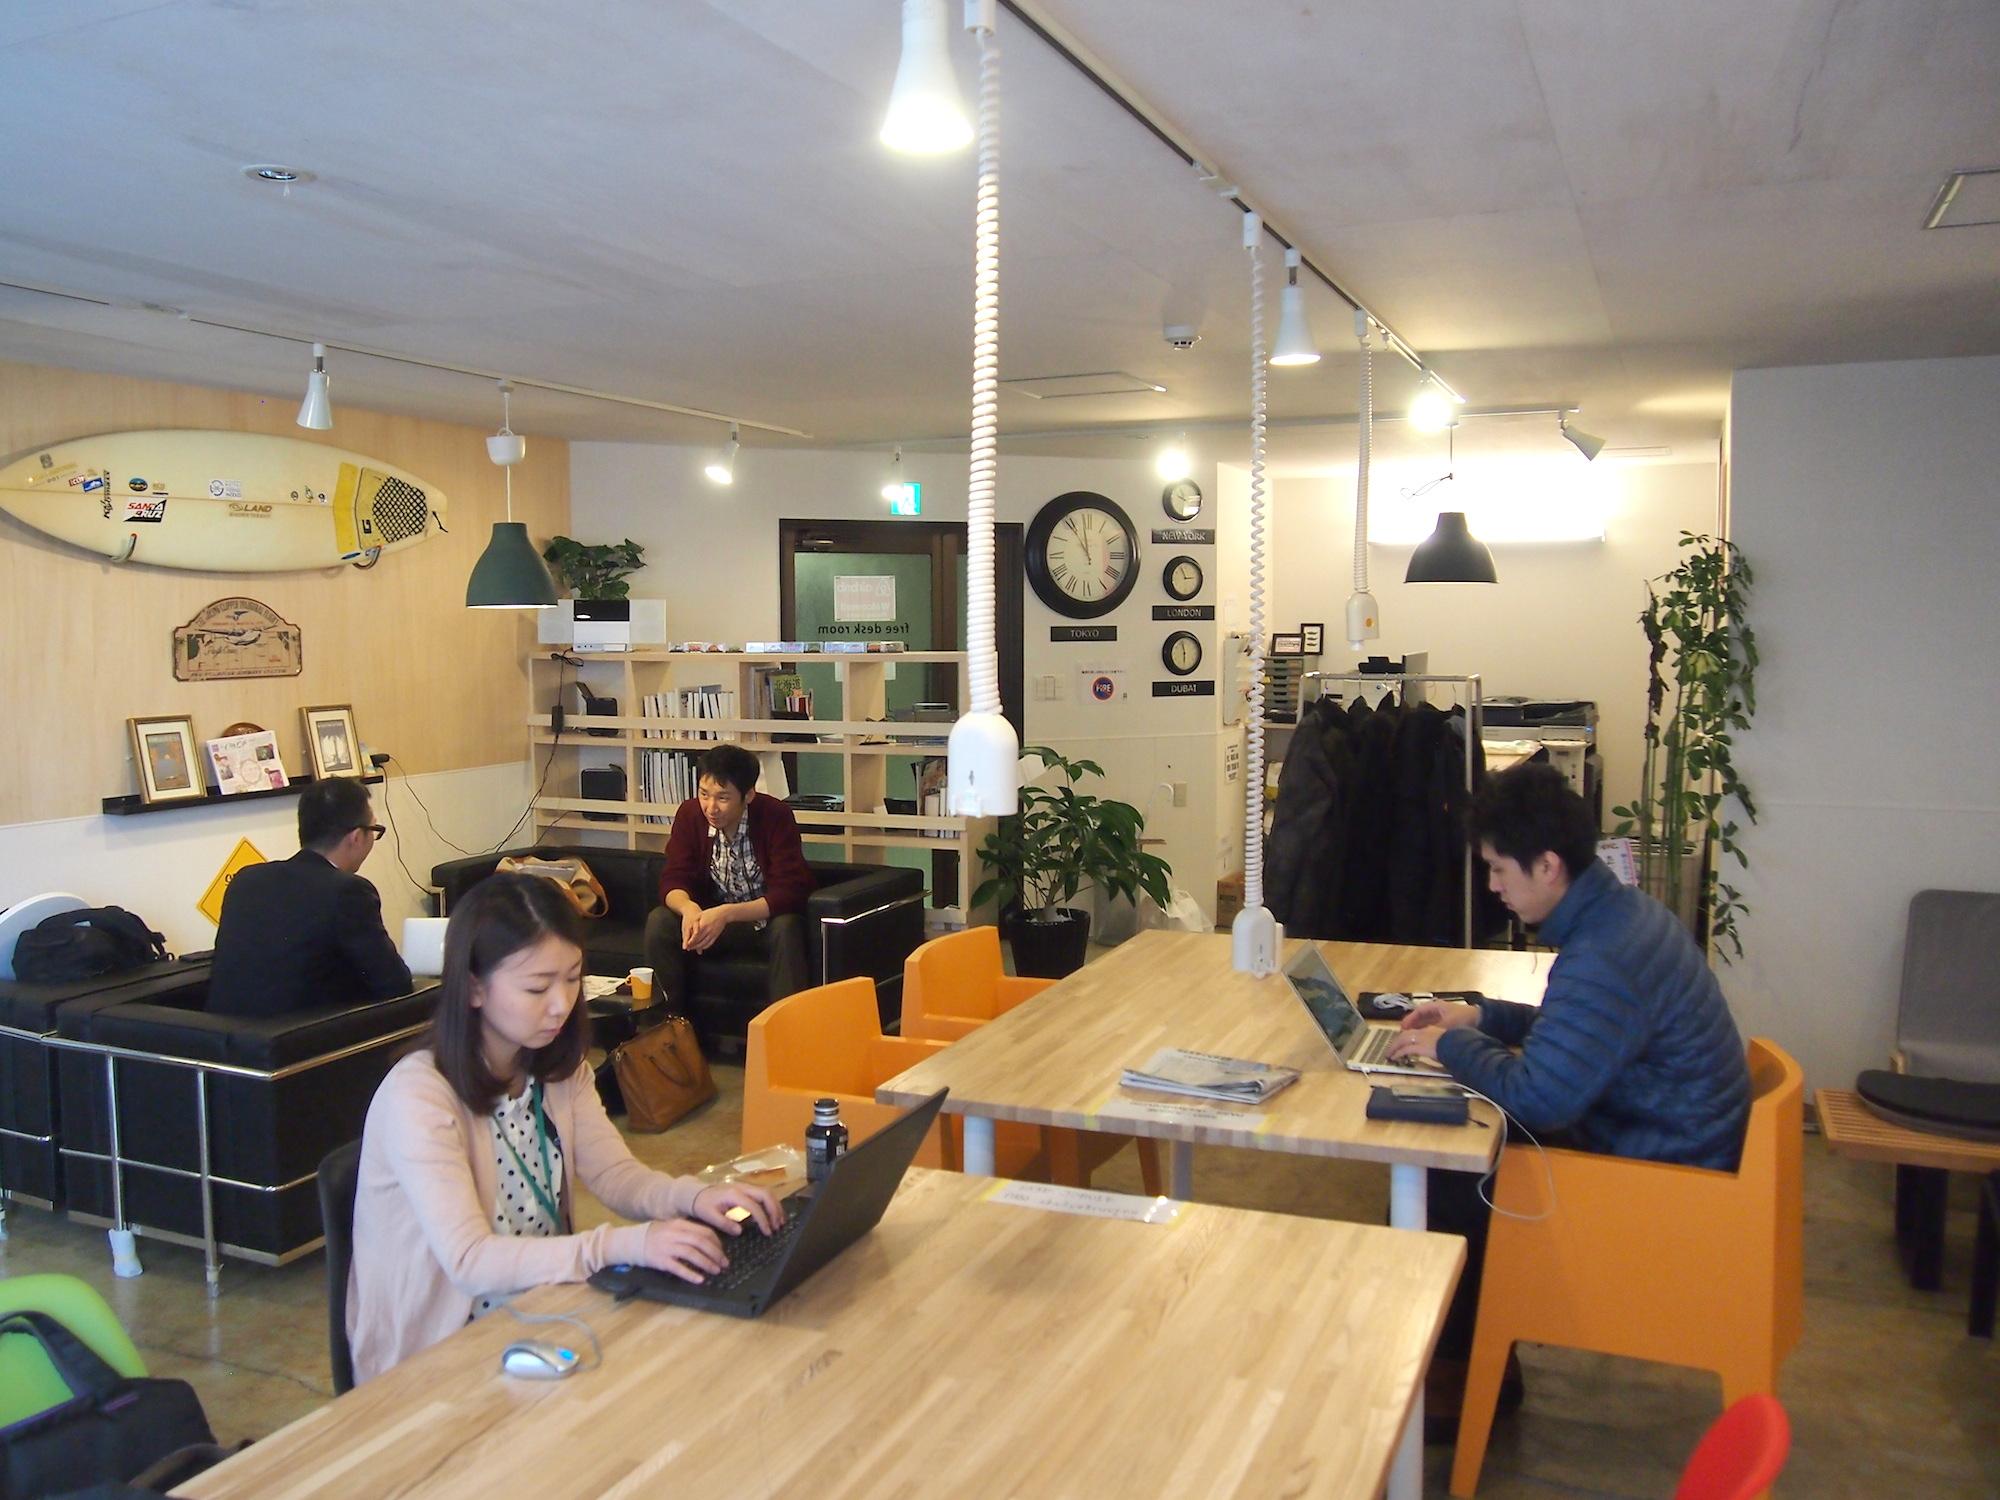 JOBUIE(南2東2)に行ってみた – 西海岸のカフェをイメージした、オシャレなシェアオフィス